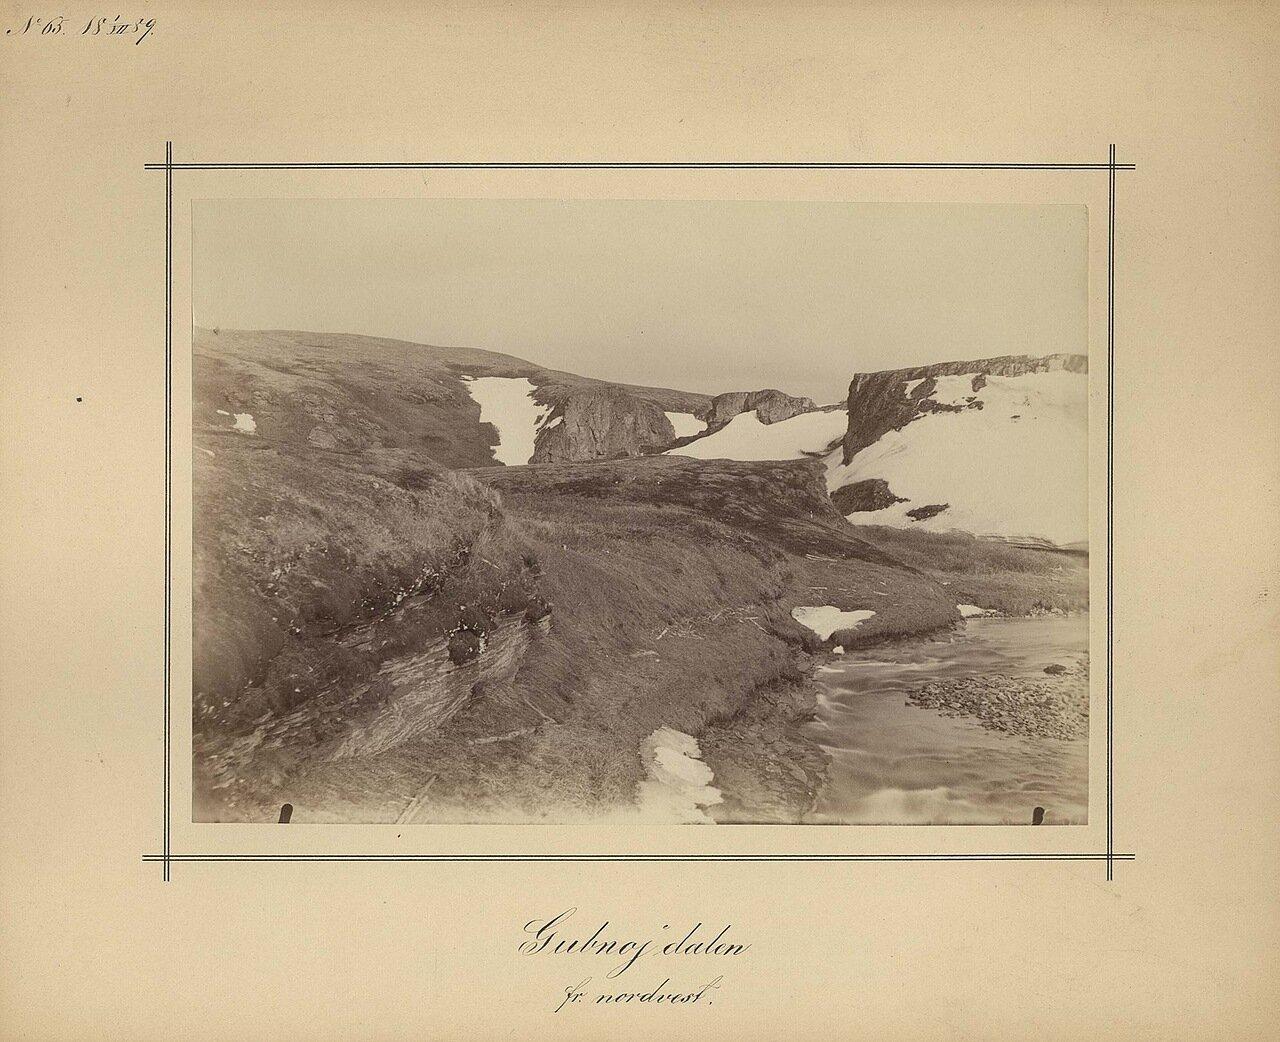 1.7.1889. Северо-западная сторона долины Gubnojin